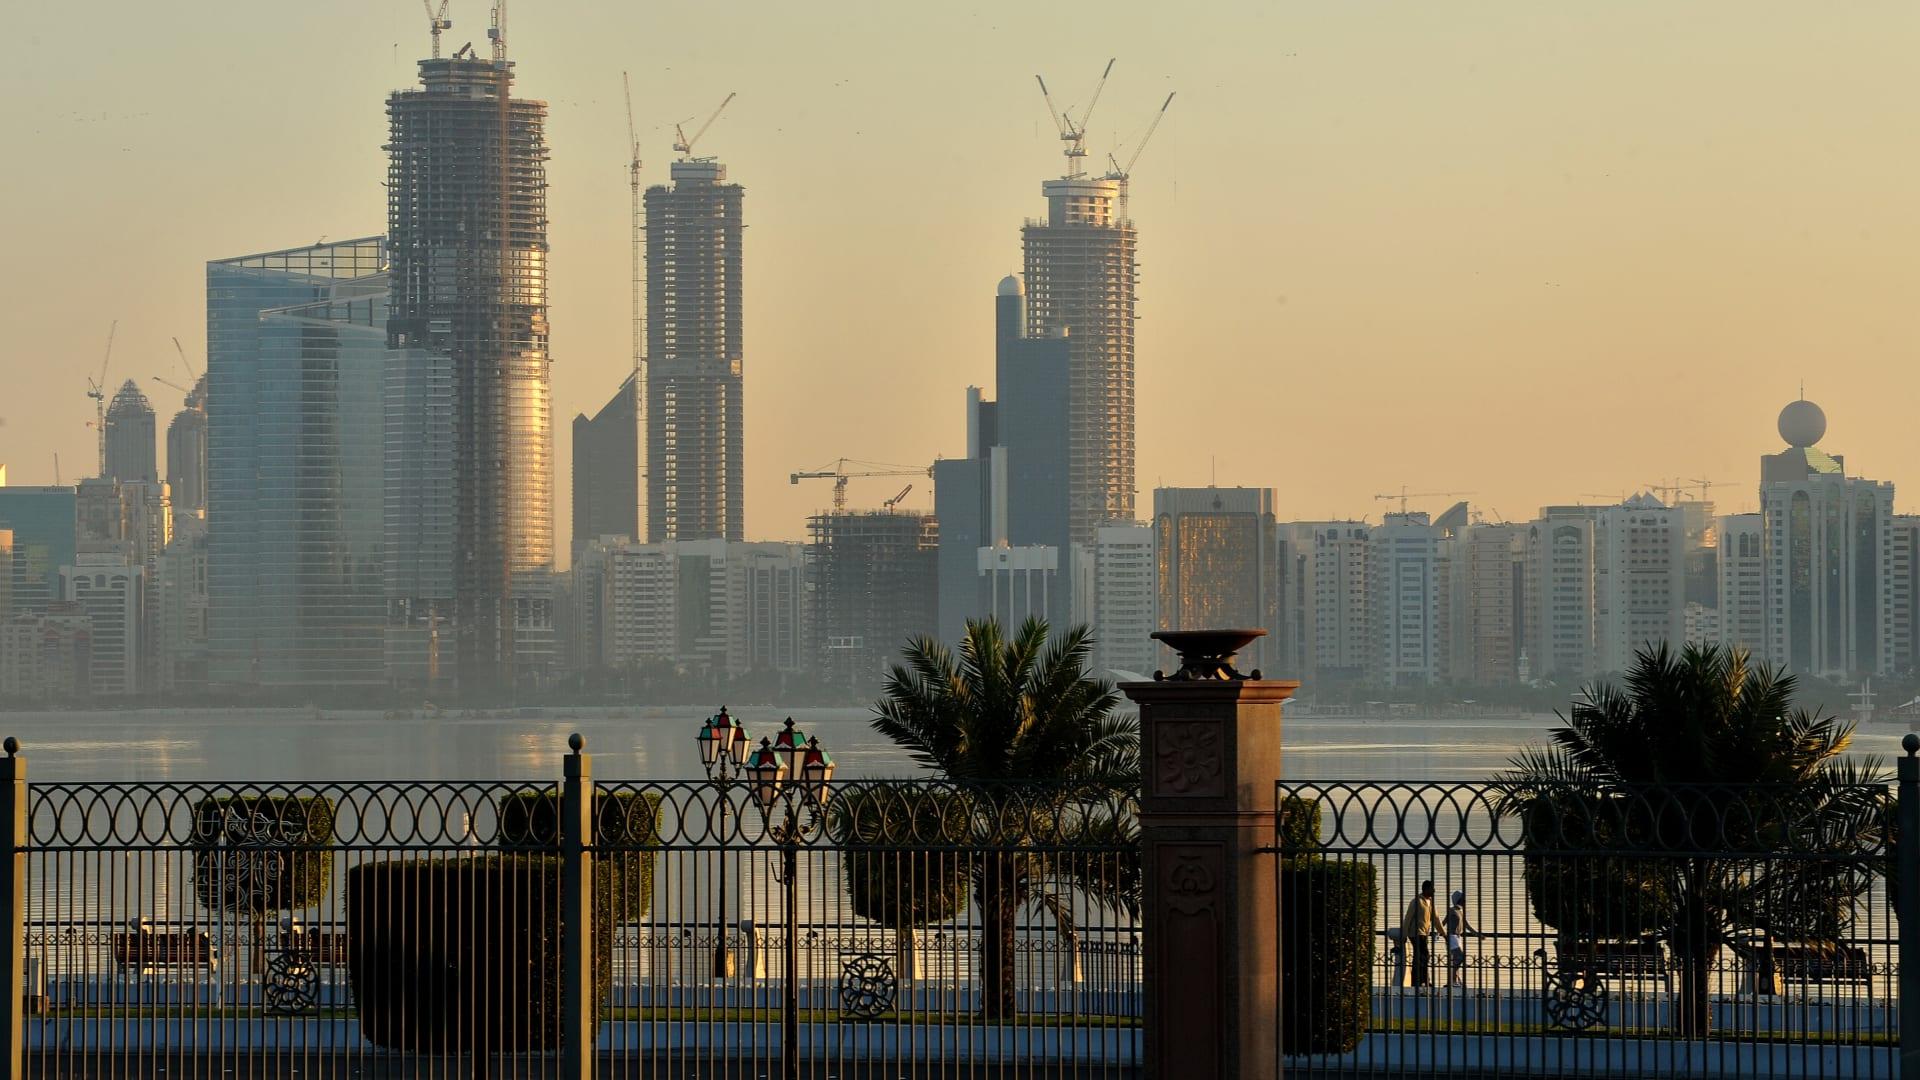 عائلته: الإمارات تقضي بالسجن المؤبد بحق البريطاني ماثيو هيجز بتهمة التجسس